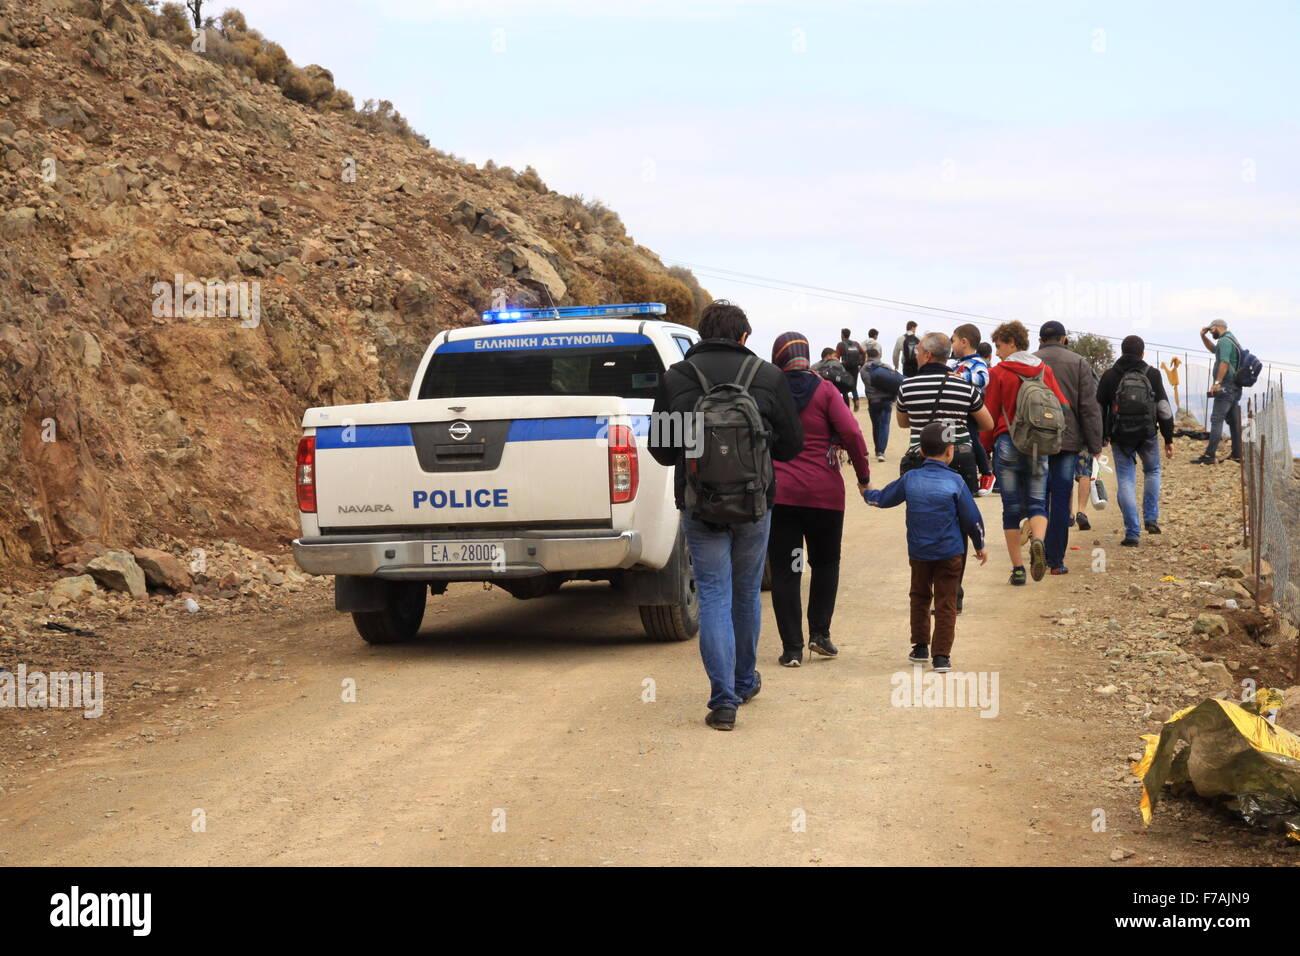 Los refugiados e inmigrantes de la familia llegan escoltados por la policía en Molyvos en la isla de Lesbos en Grecia Foto de stock